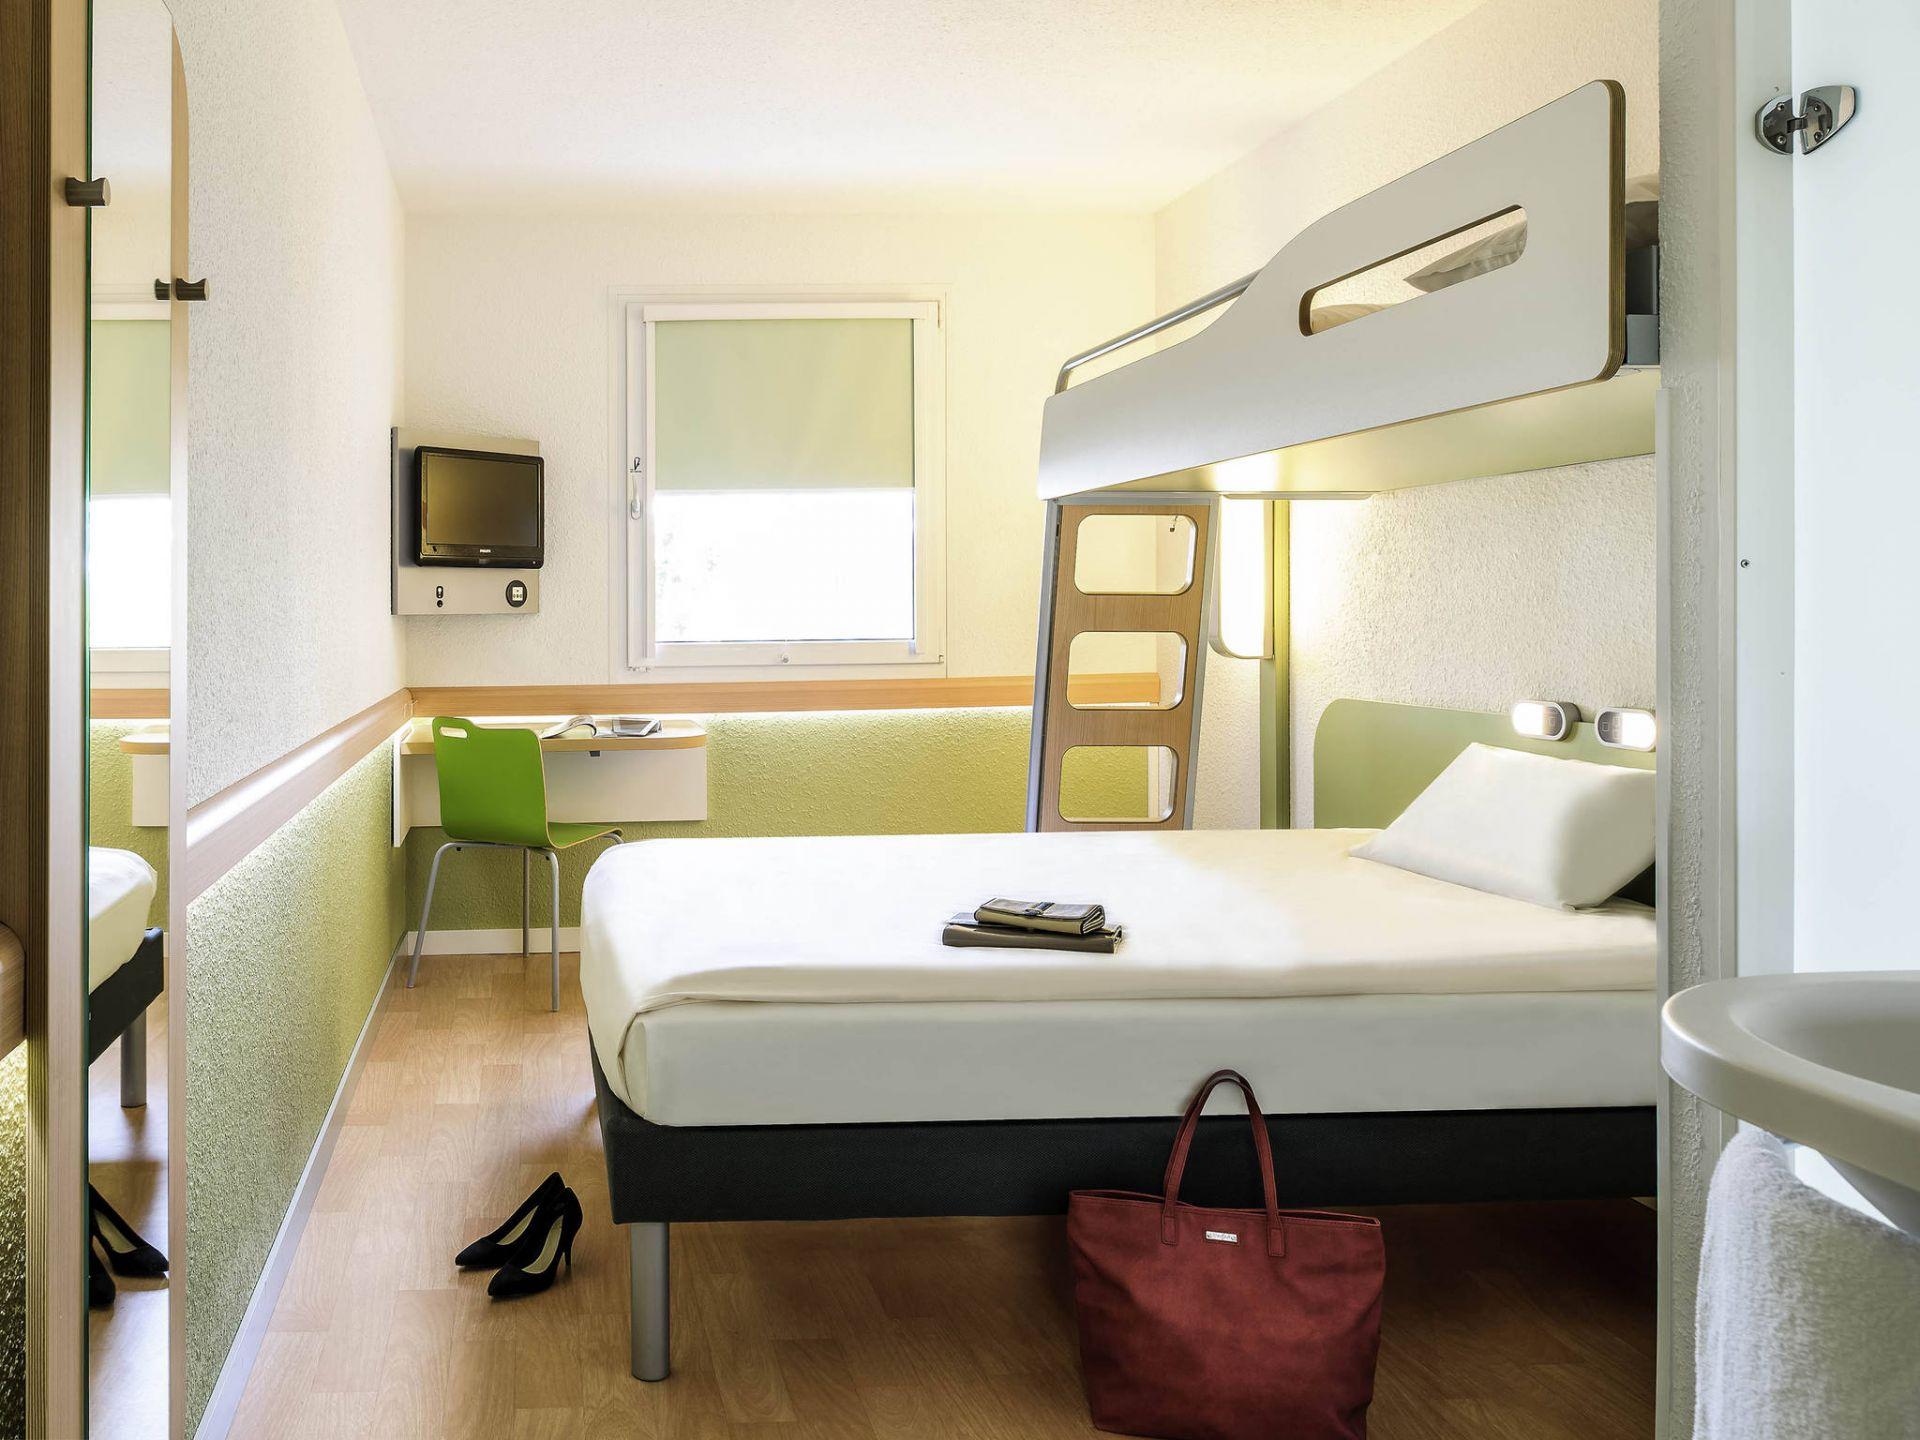 Hotel ibis budget nancy sud houdemont - Lorraine Tourisme